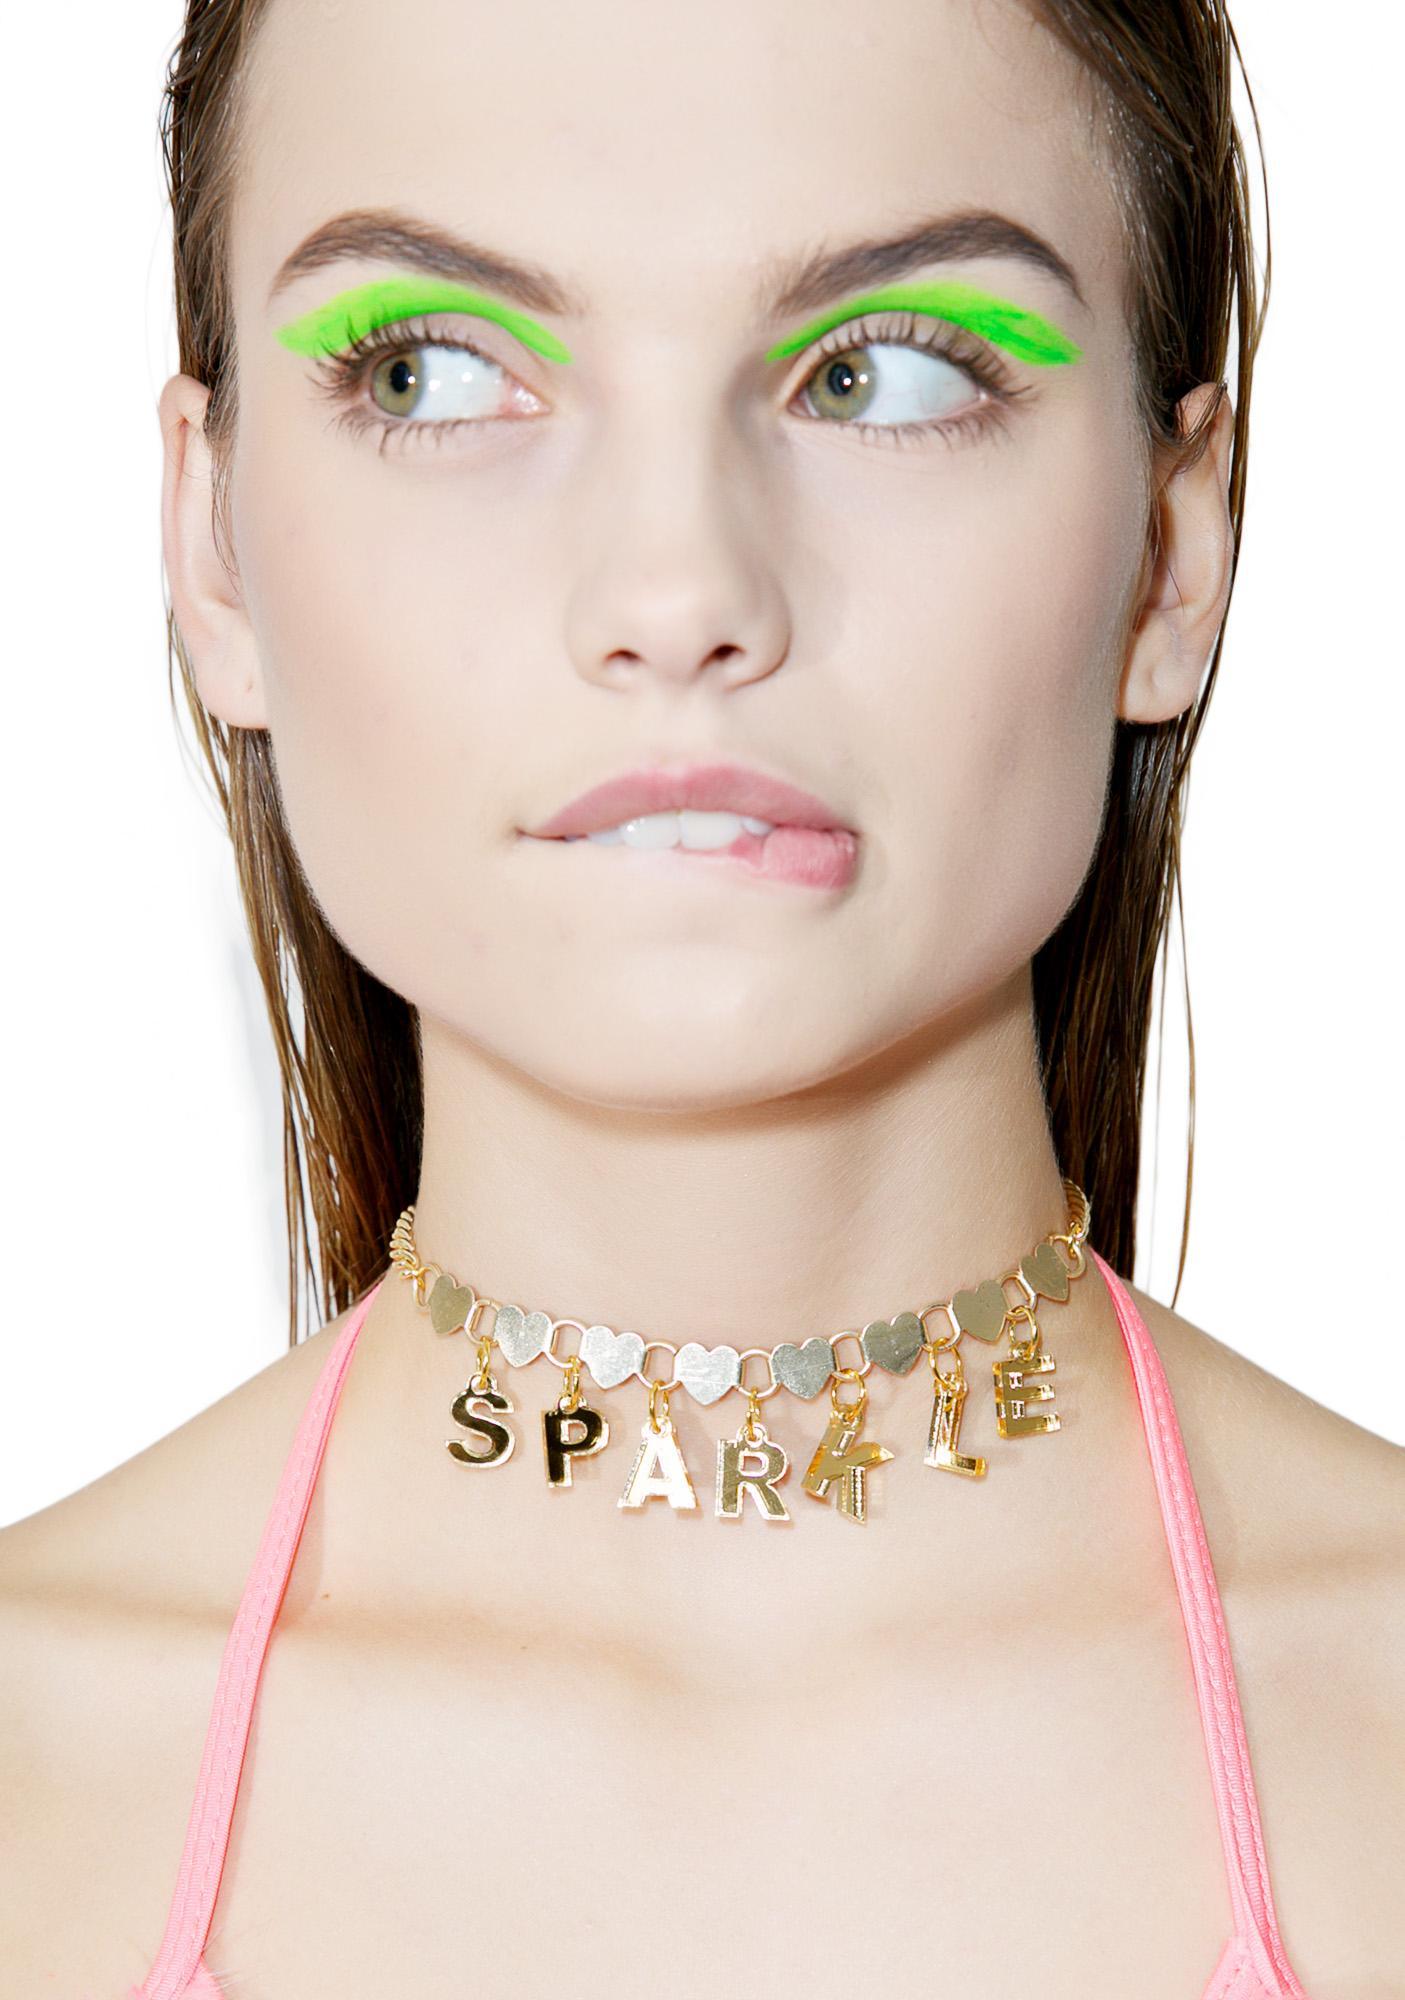 Trixy Starr Sparkle Choker